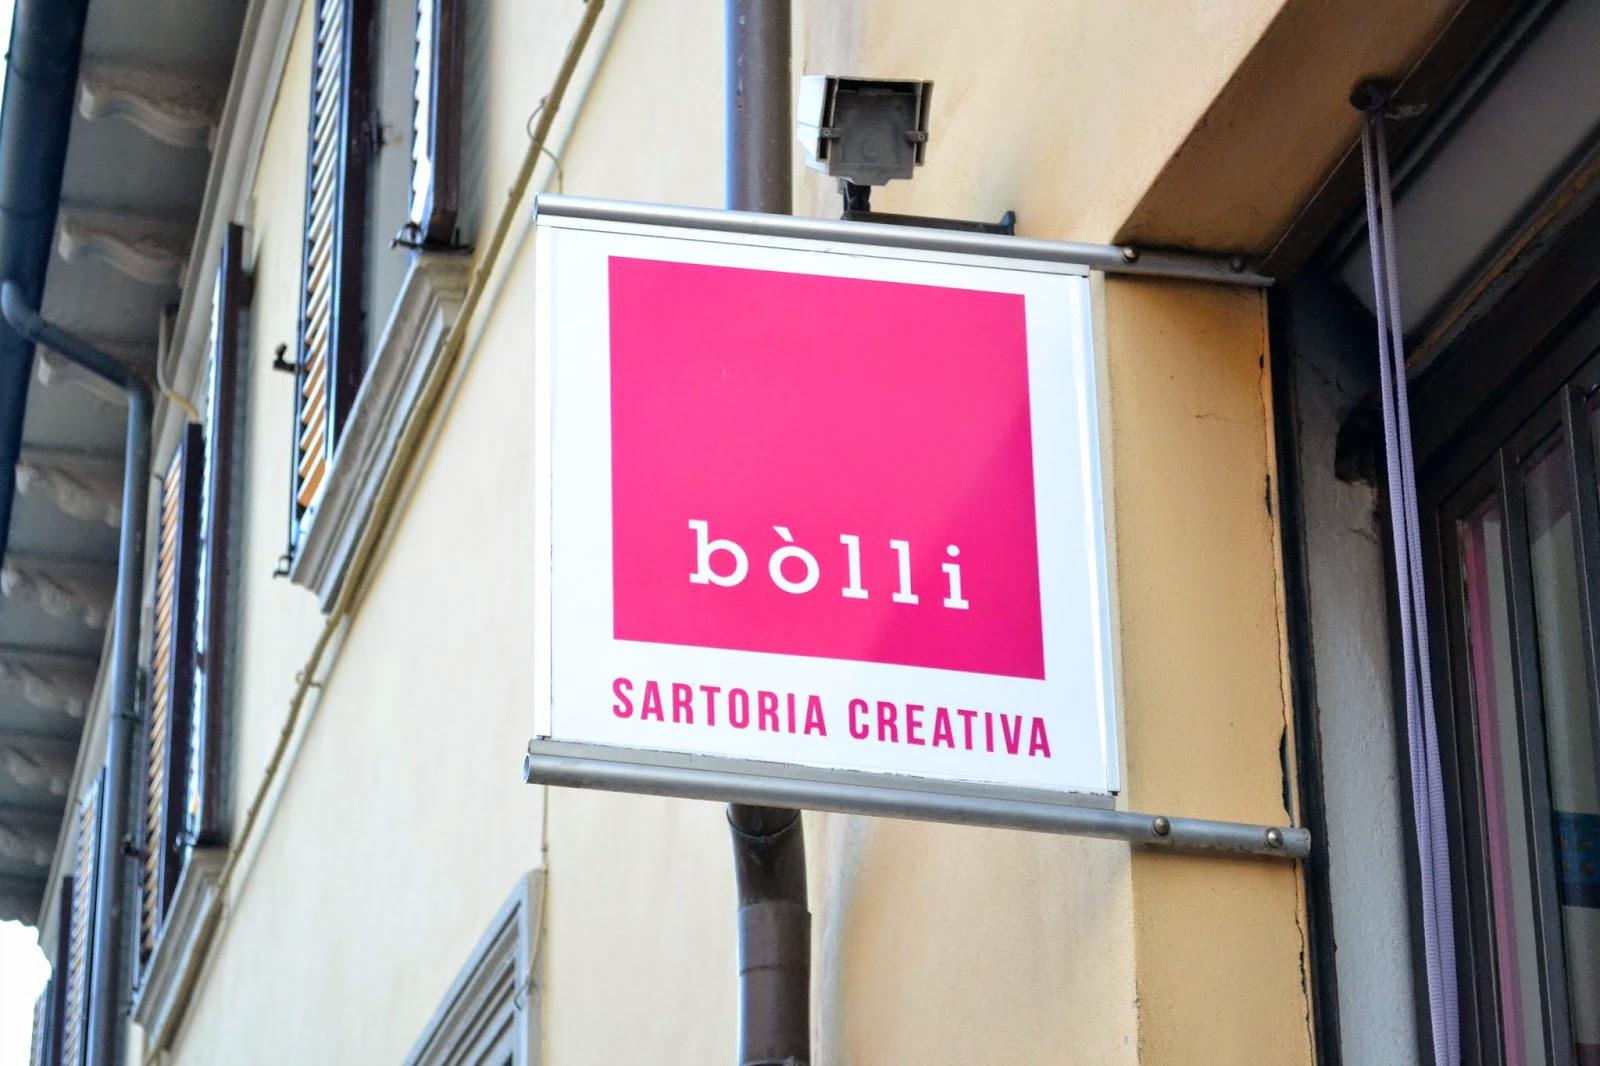 bolli-sartoria-negozio-arezzo